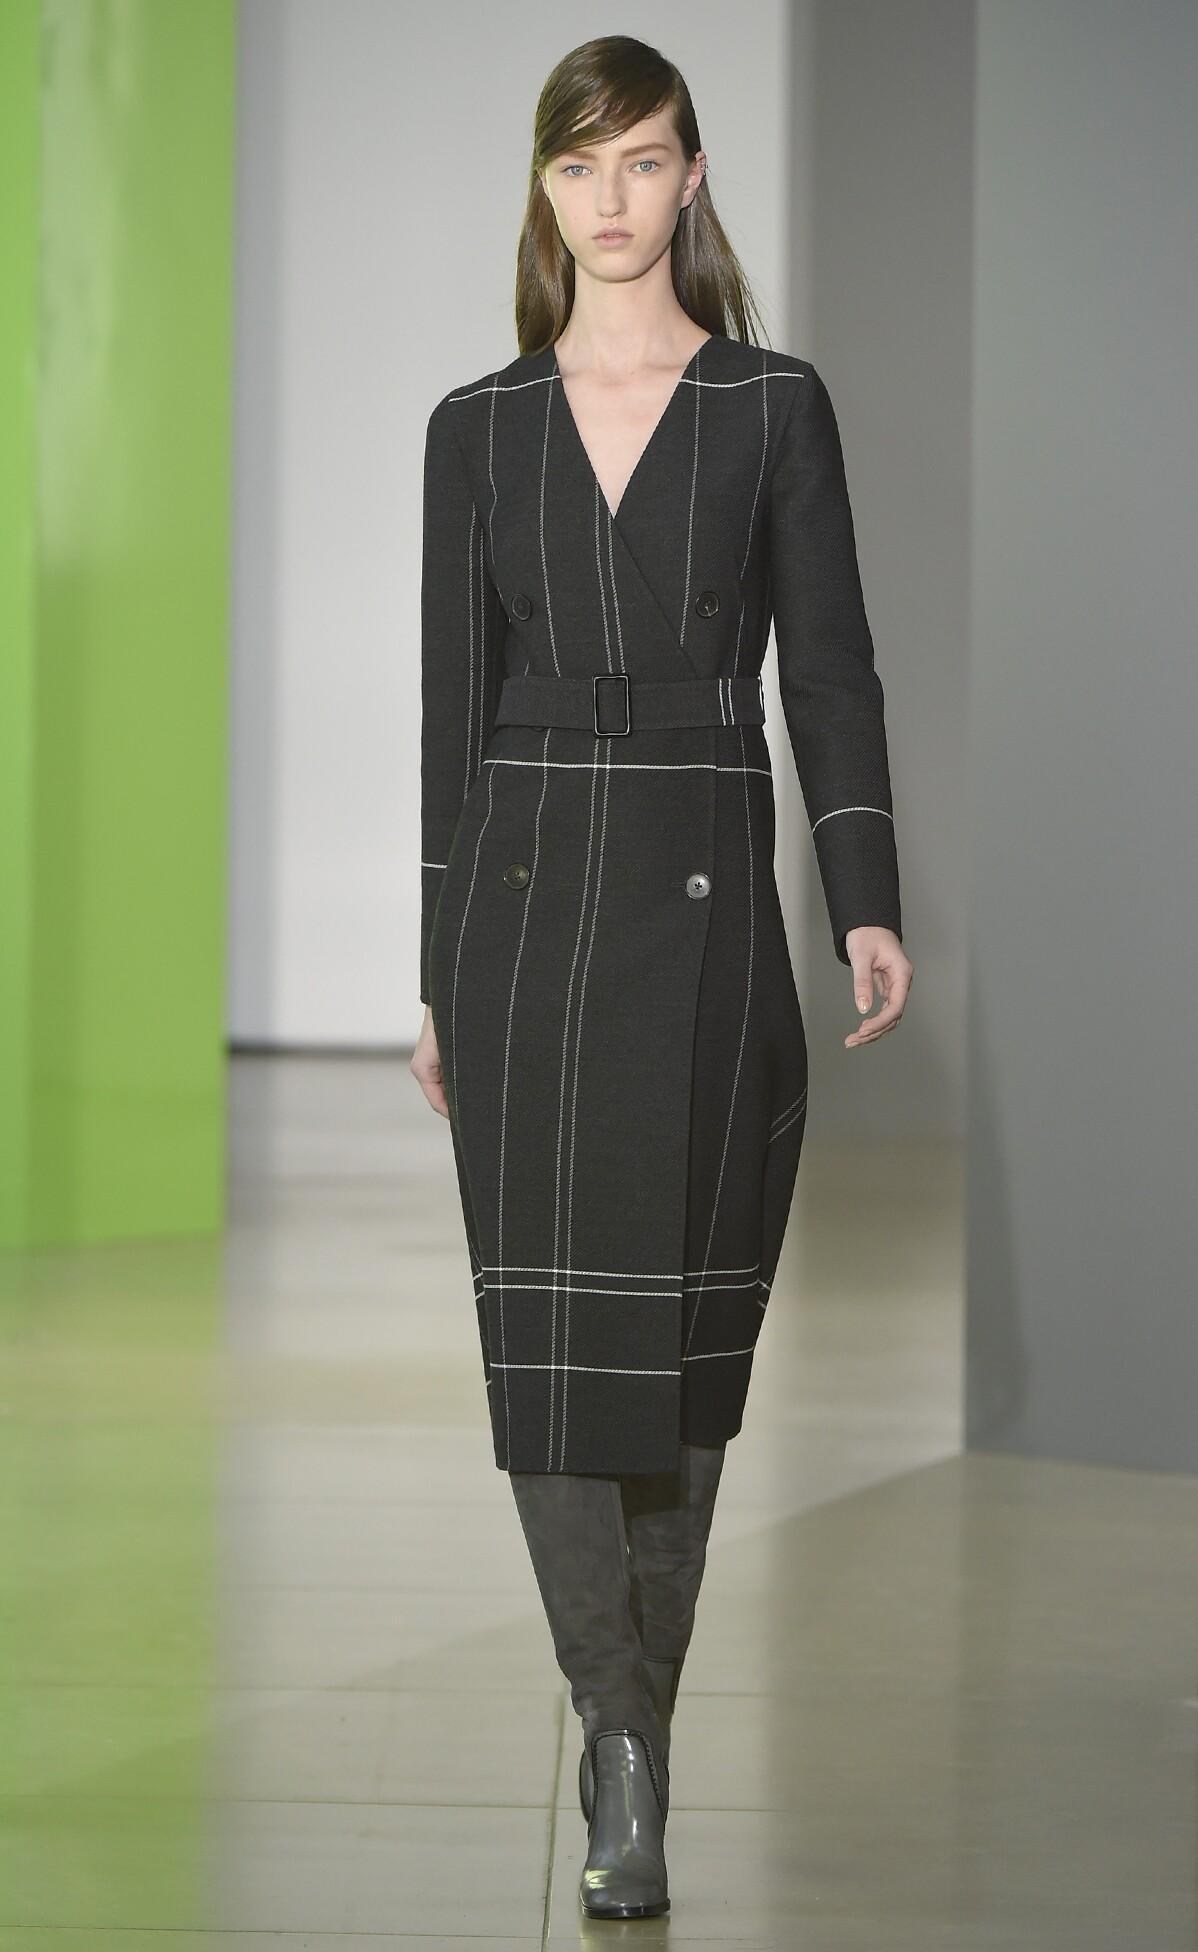 Catwalk Jil Sander Womenswear Collection Winter 2015